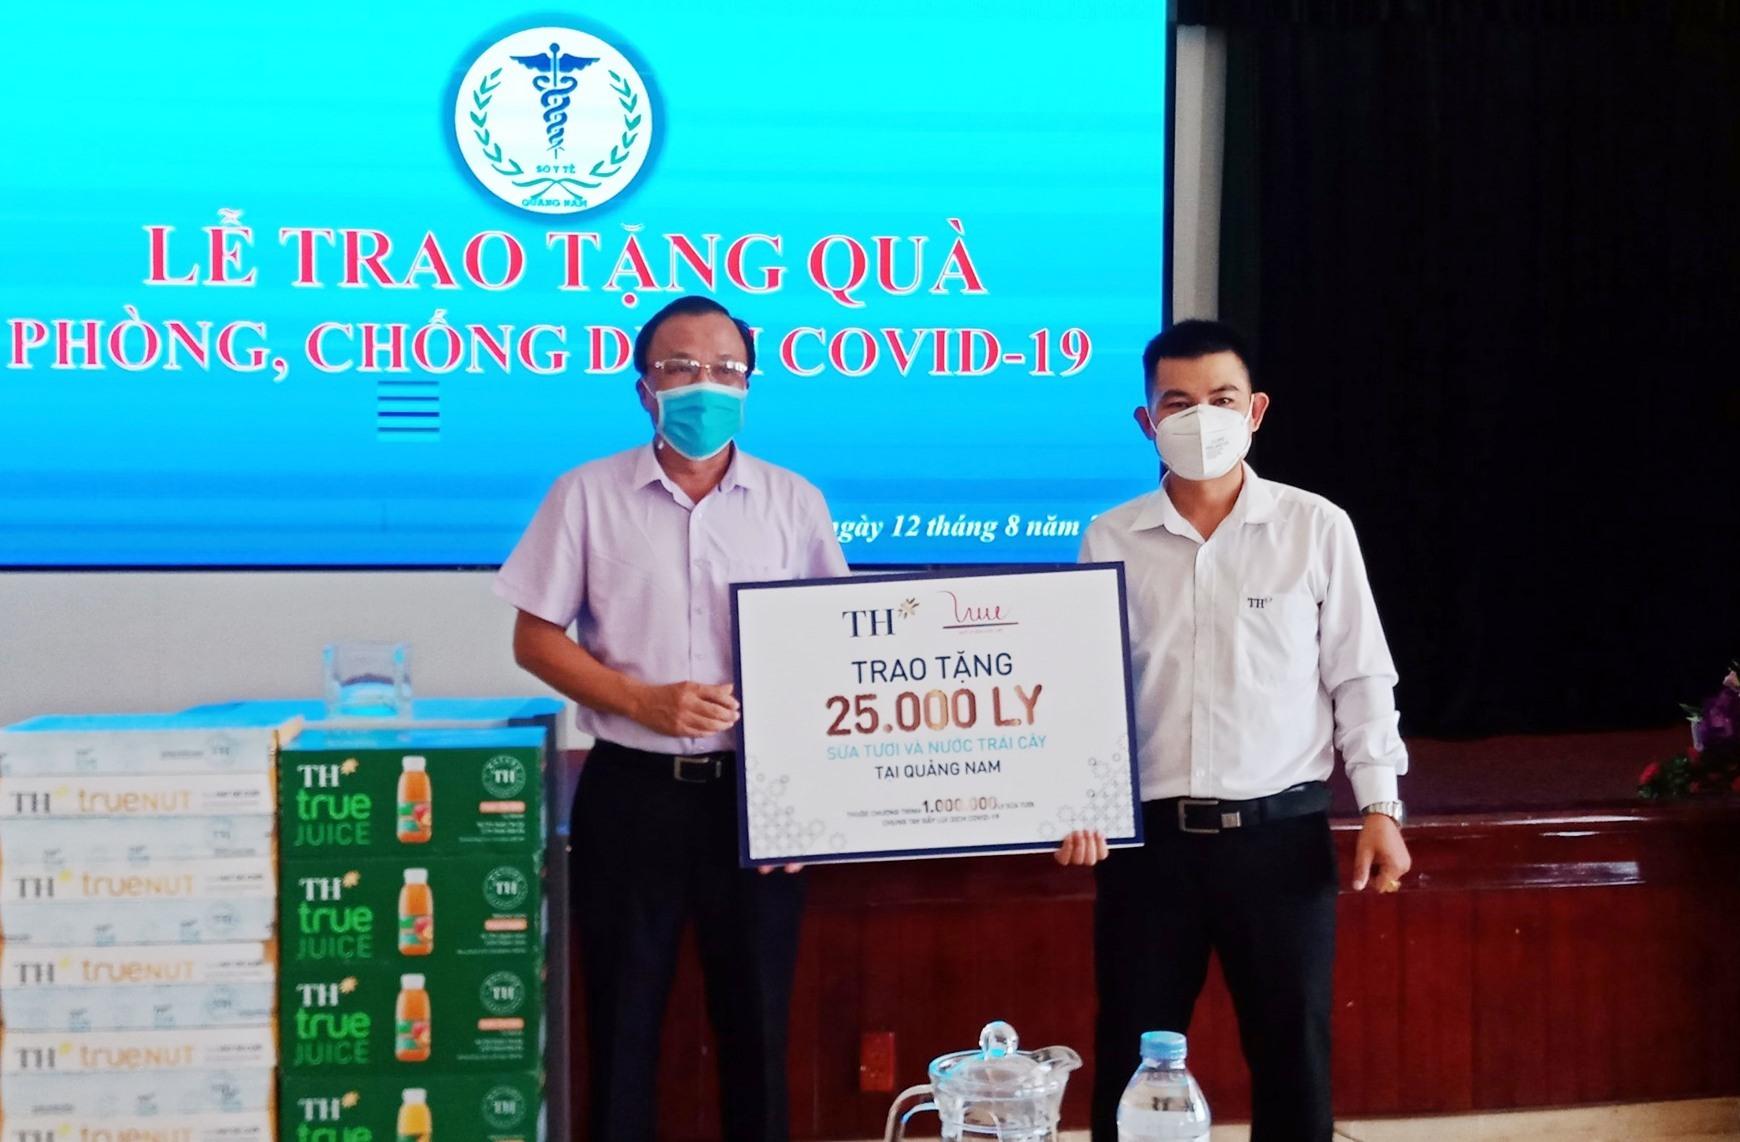 Tập đoàn TH True Milk trao tặng 25 nghìn ly sữa tươi và nước trái cây (tương đương 1.000 thùng) đến ngành y tế Quảng Nam.